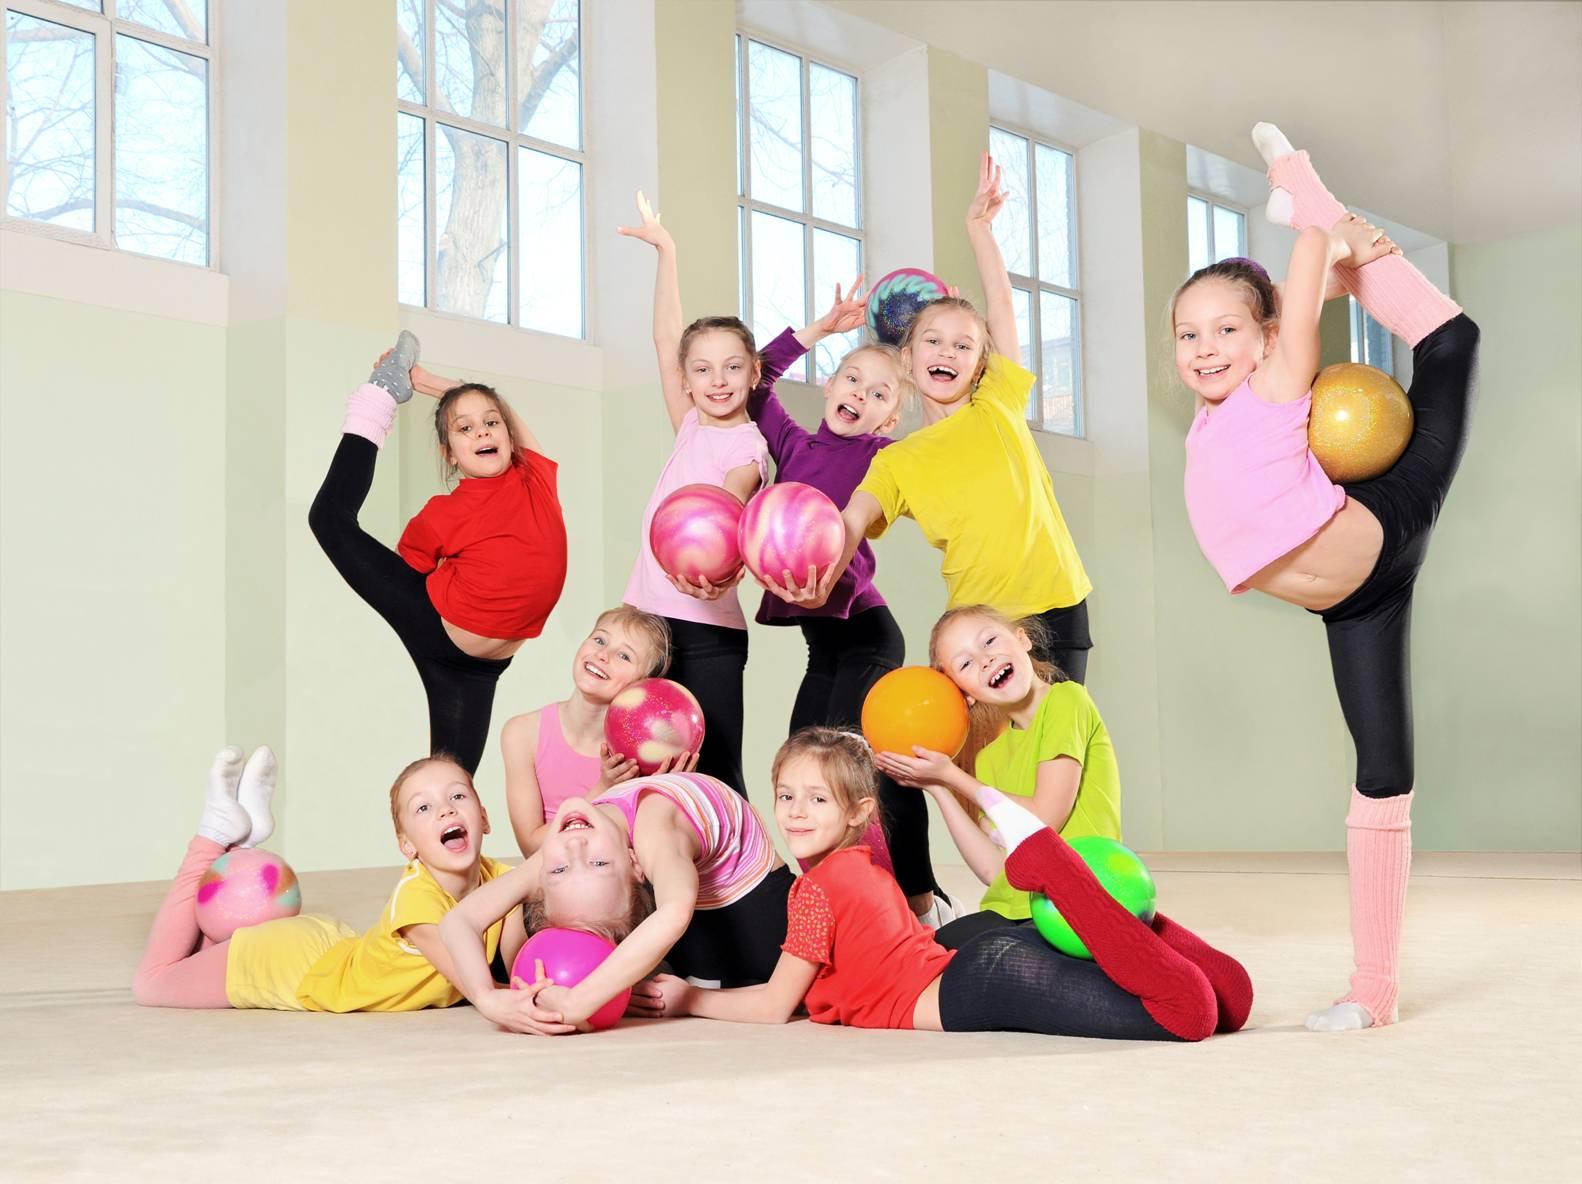 escolas de ginástica acrobática